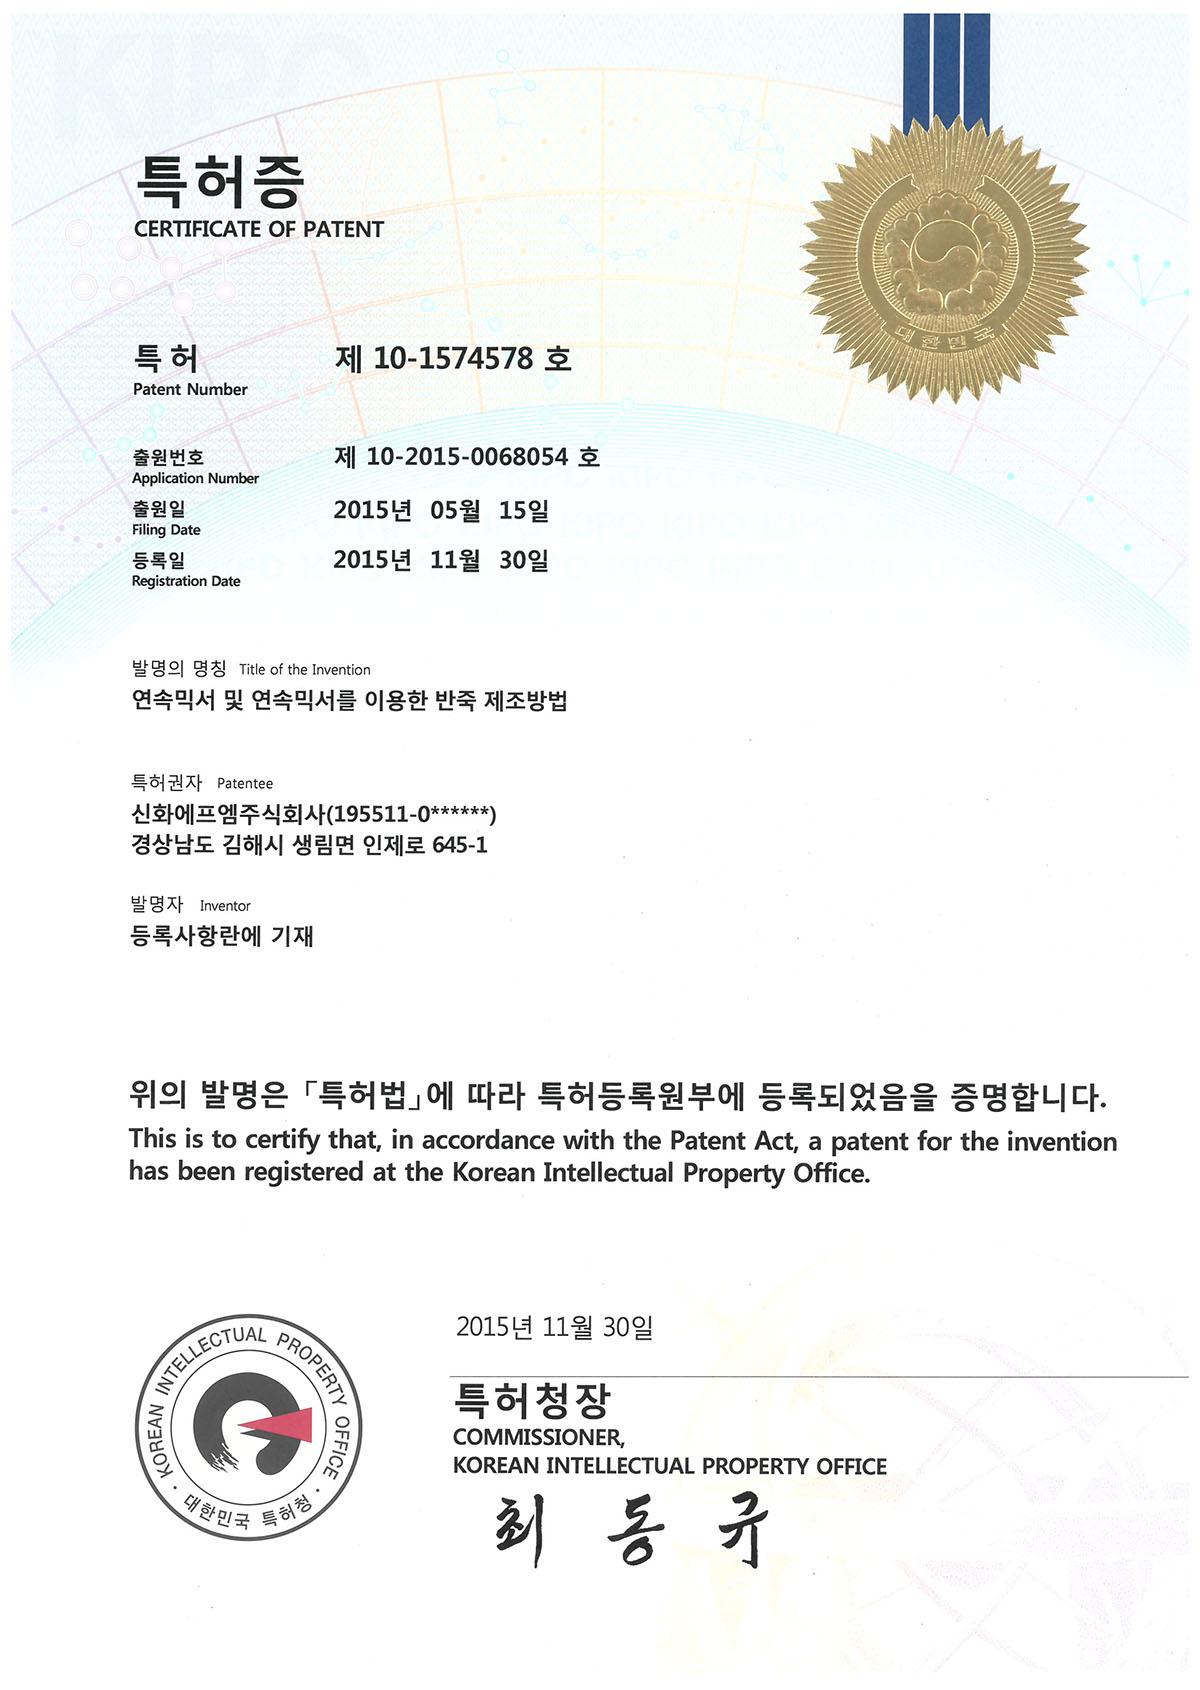 신화에프엠 연속믹서 시스템 특허증